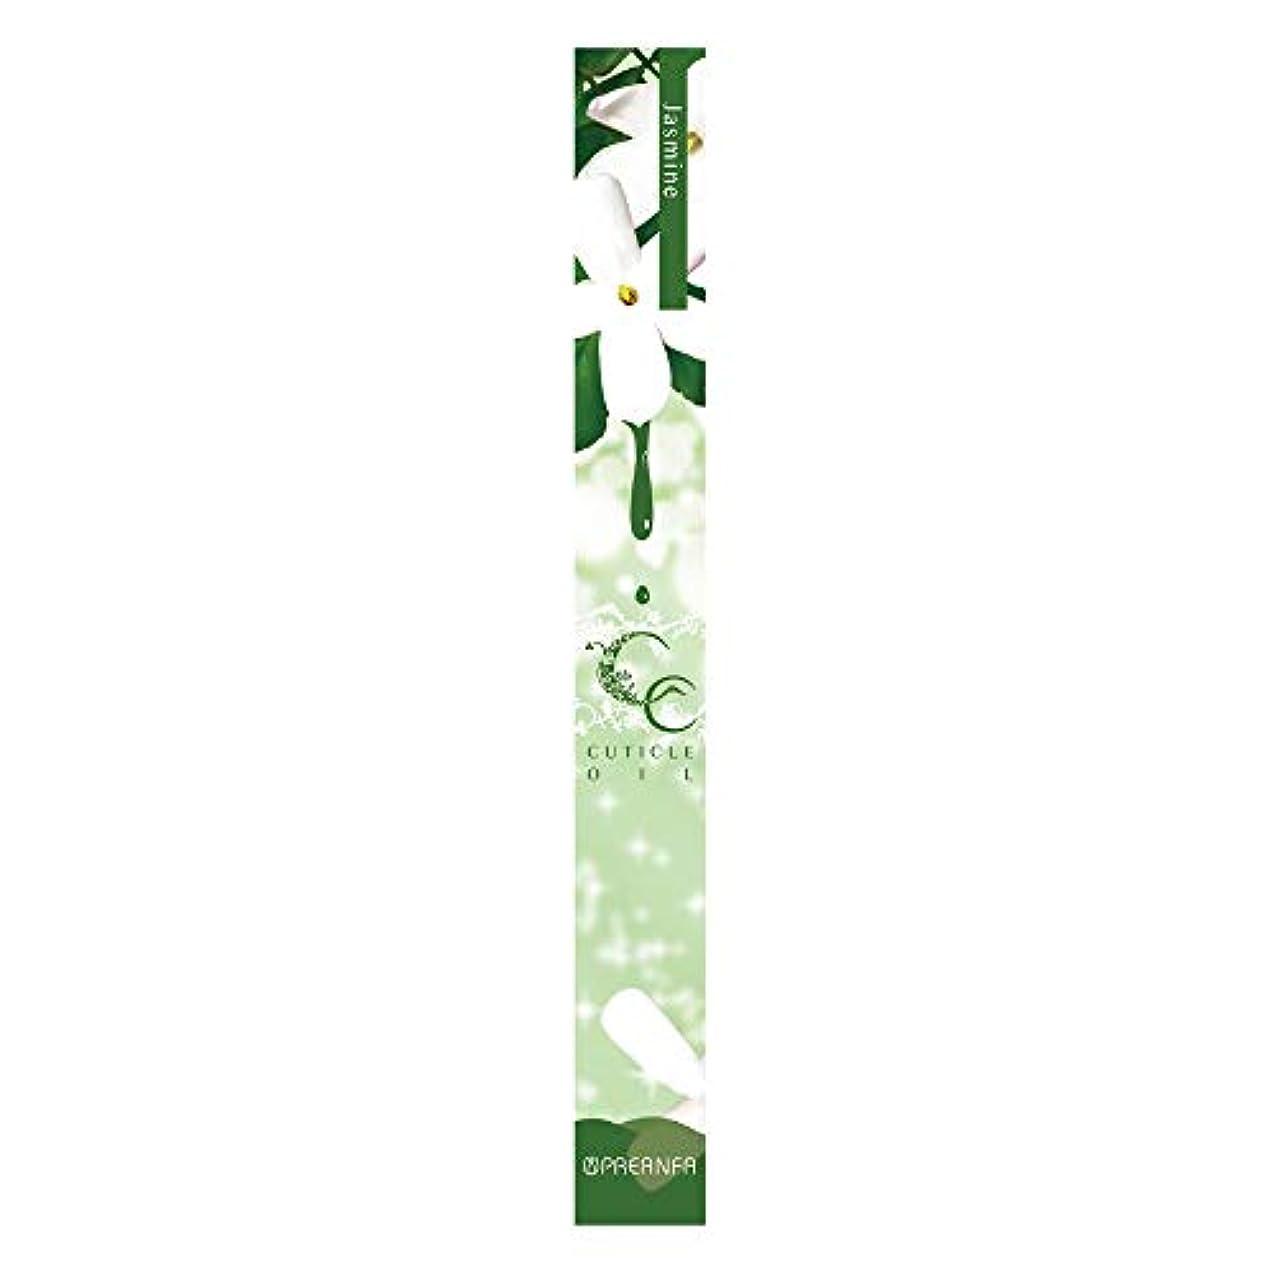 代わってレパートリースラダムプリジェル 甘皮ケア CCキューティクルオイル ジャスミン 4.5g  保湿オイル ペンタイプ